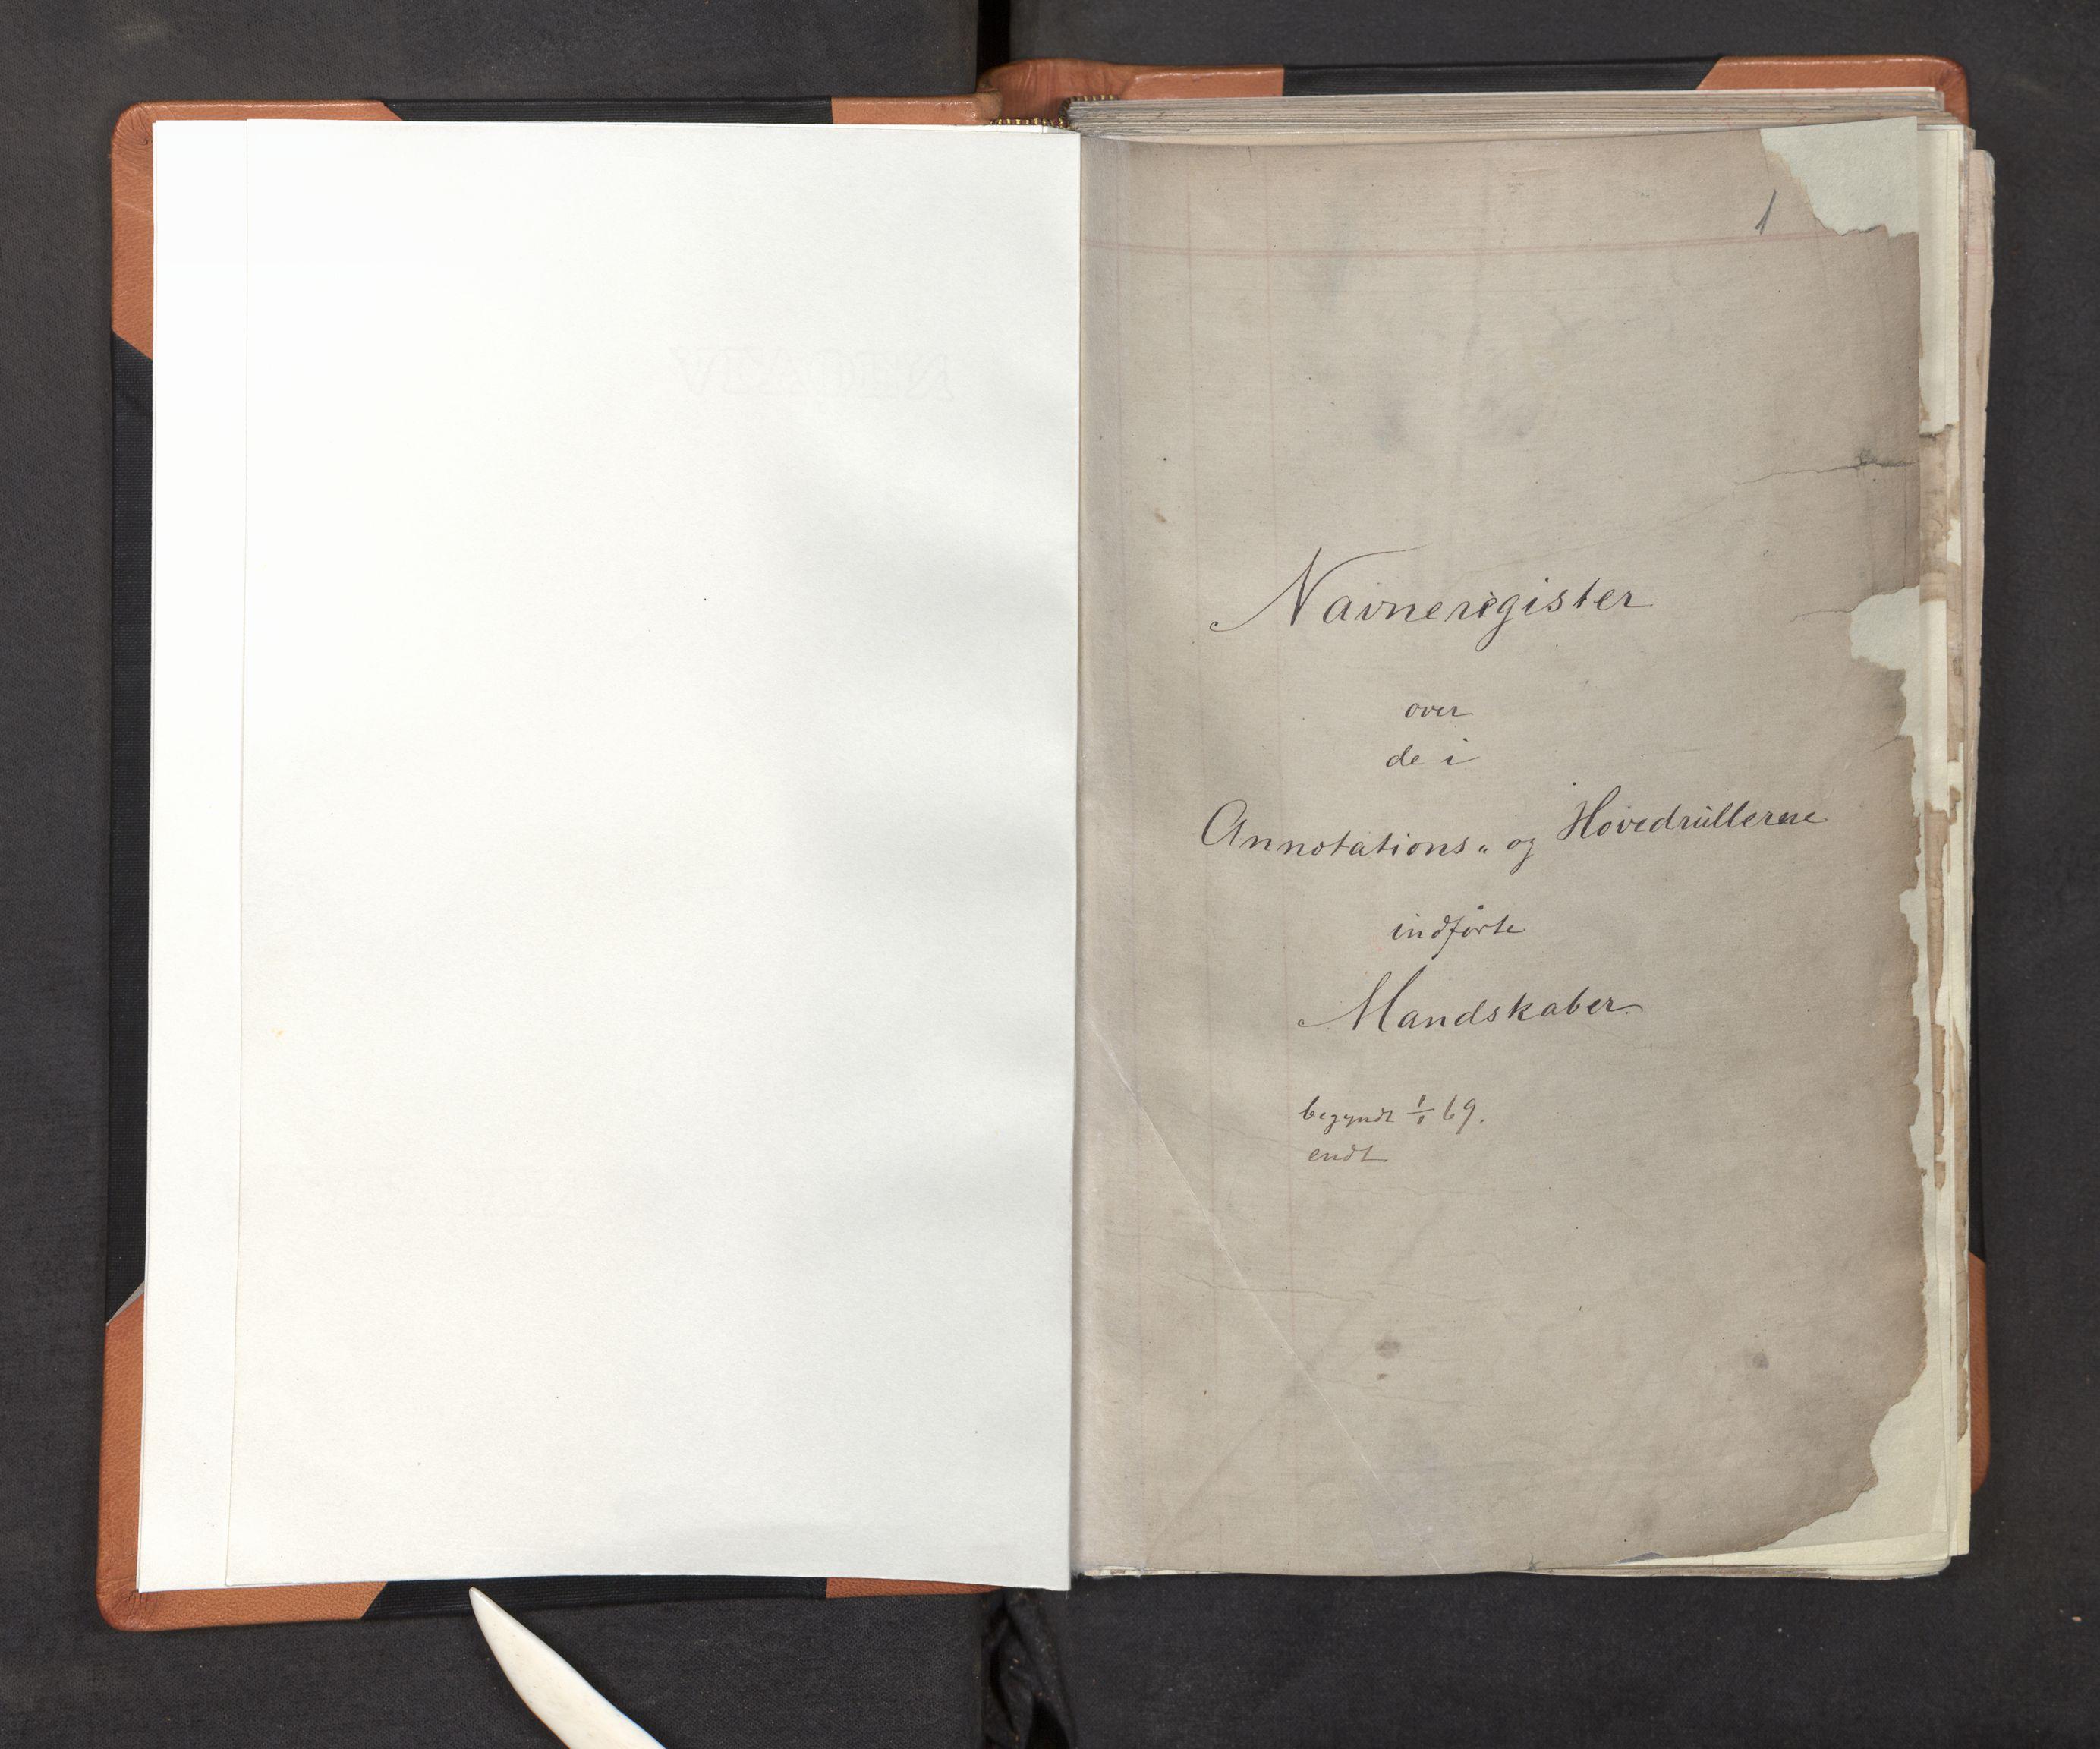 SAB, Innrulleringssjefen i Bergen, F/Fa/L0001: Register til annotasjons-hovedrulle for Bergen krets A - K, 1869-1897, s. 1